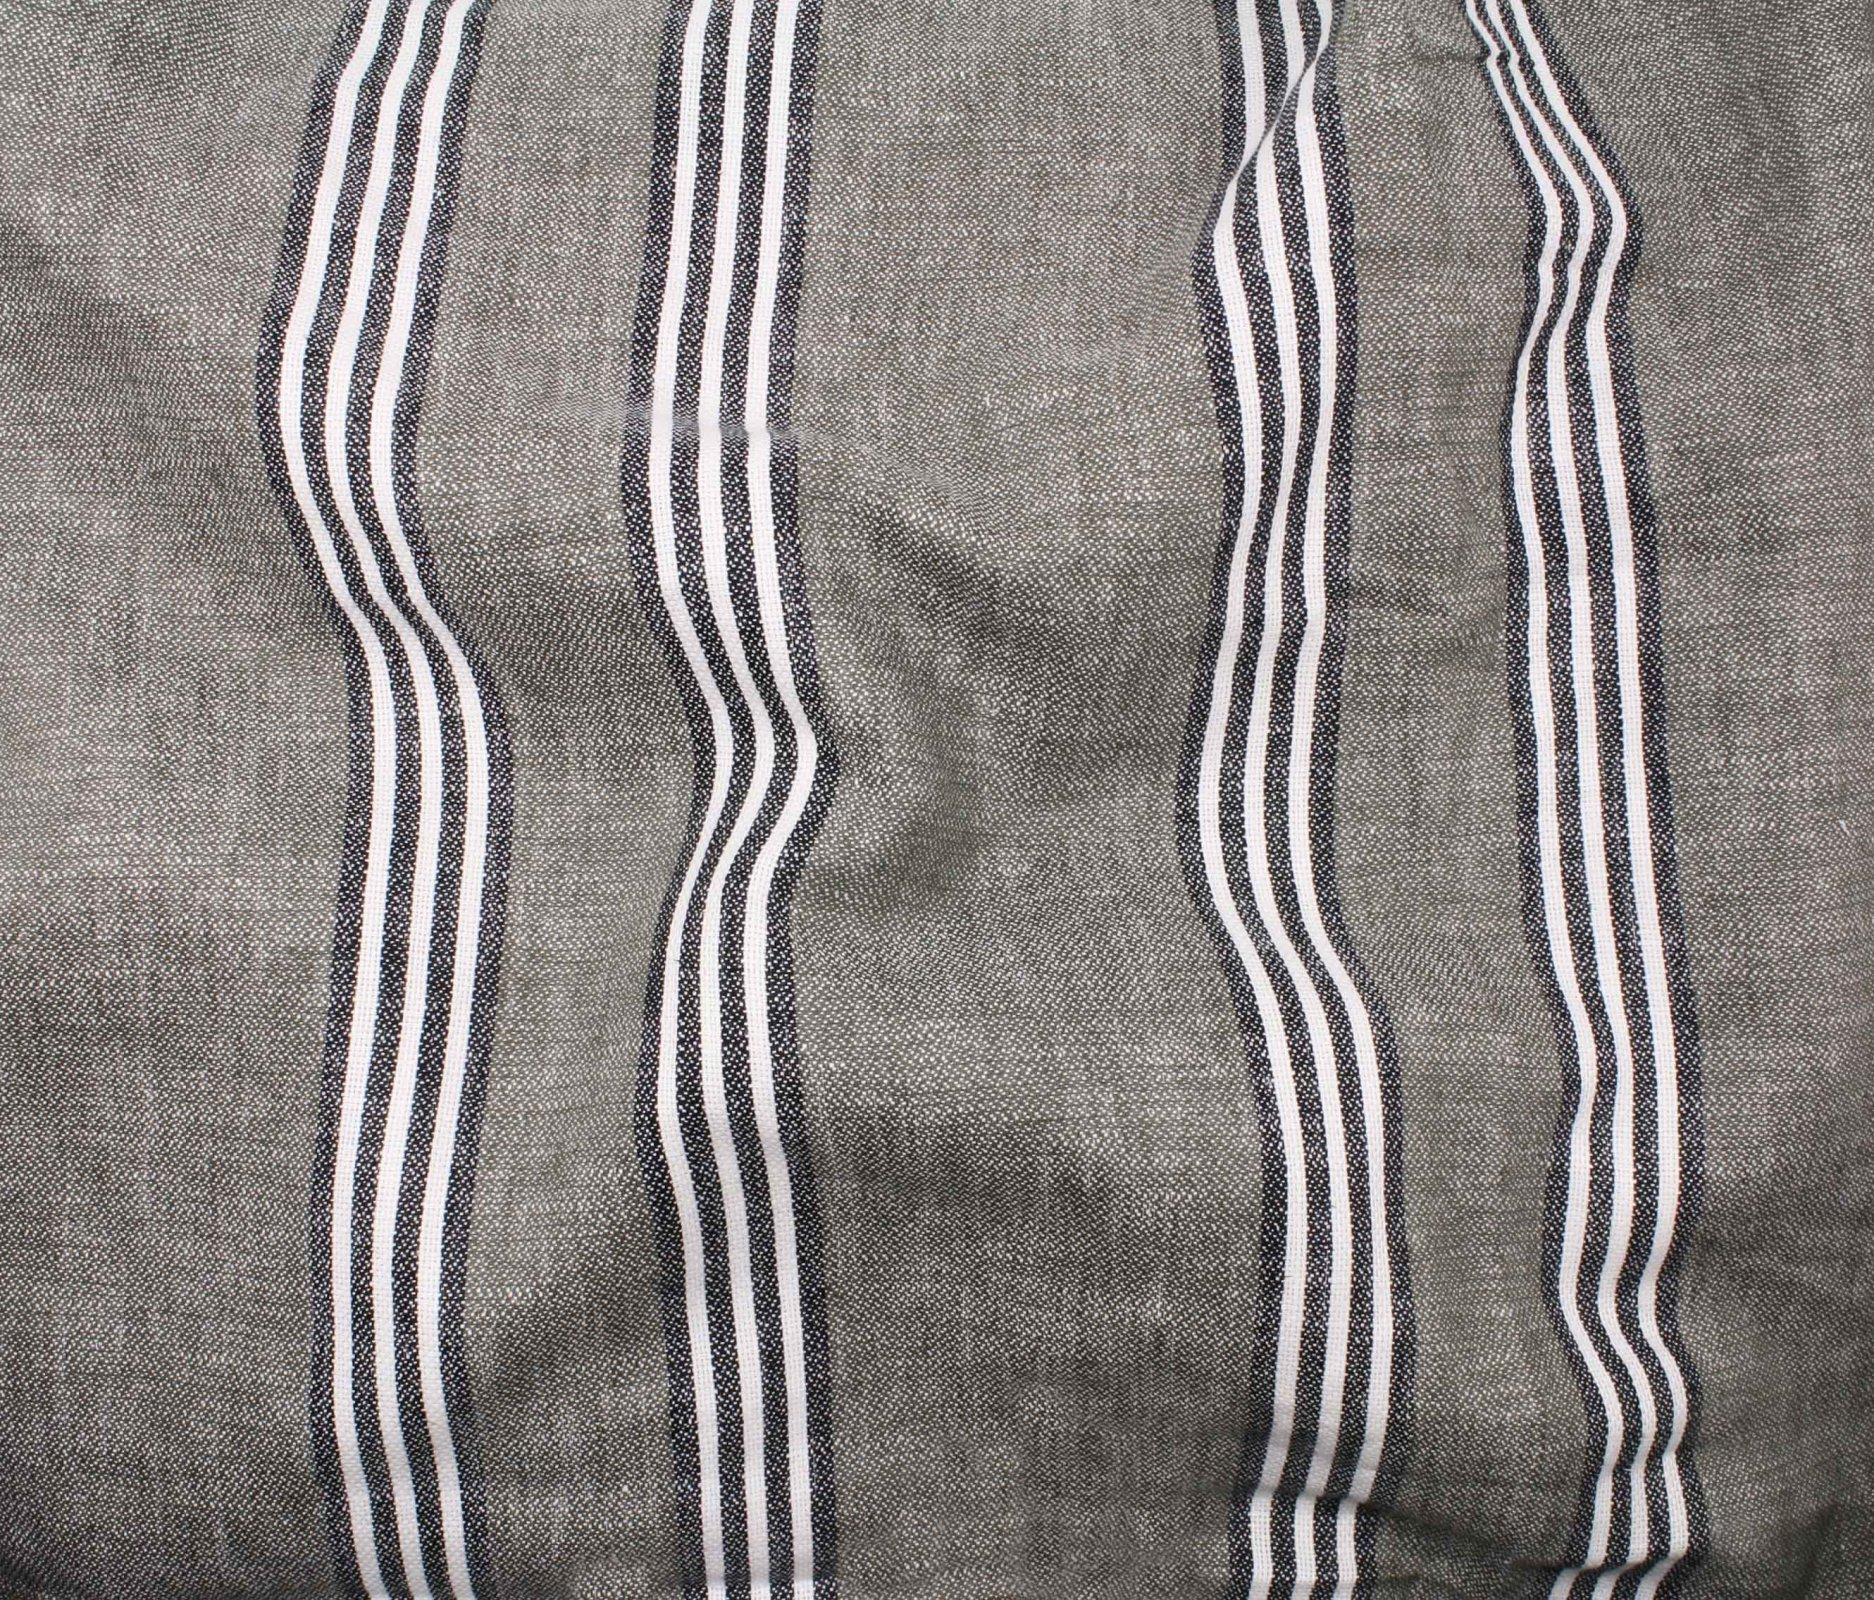 Canyon Stripe Linen/Cotton - Khaki